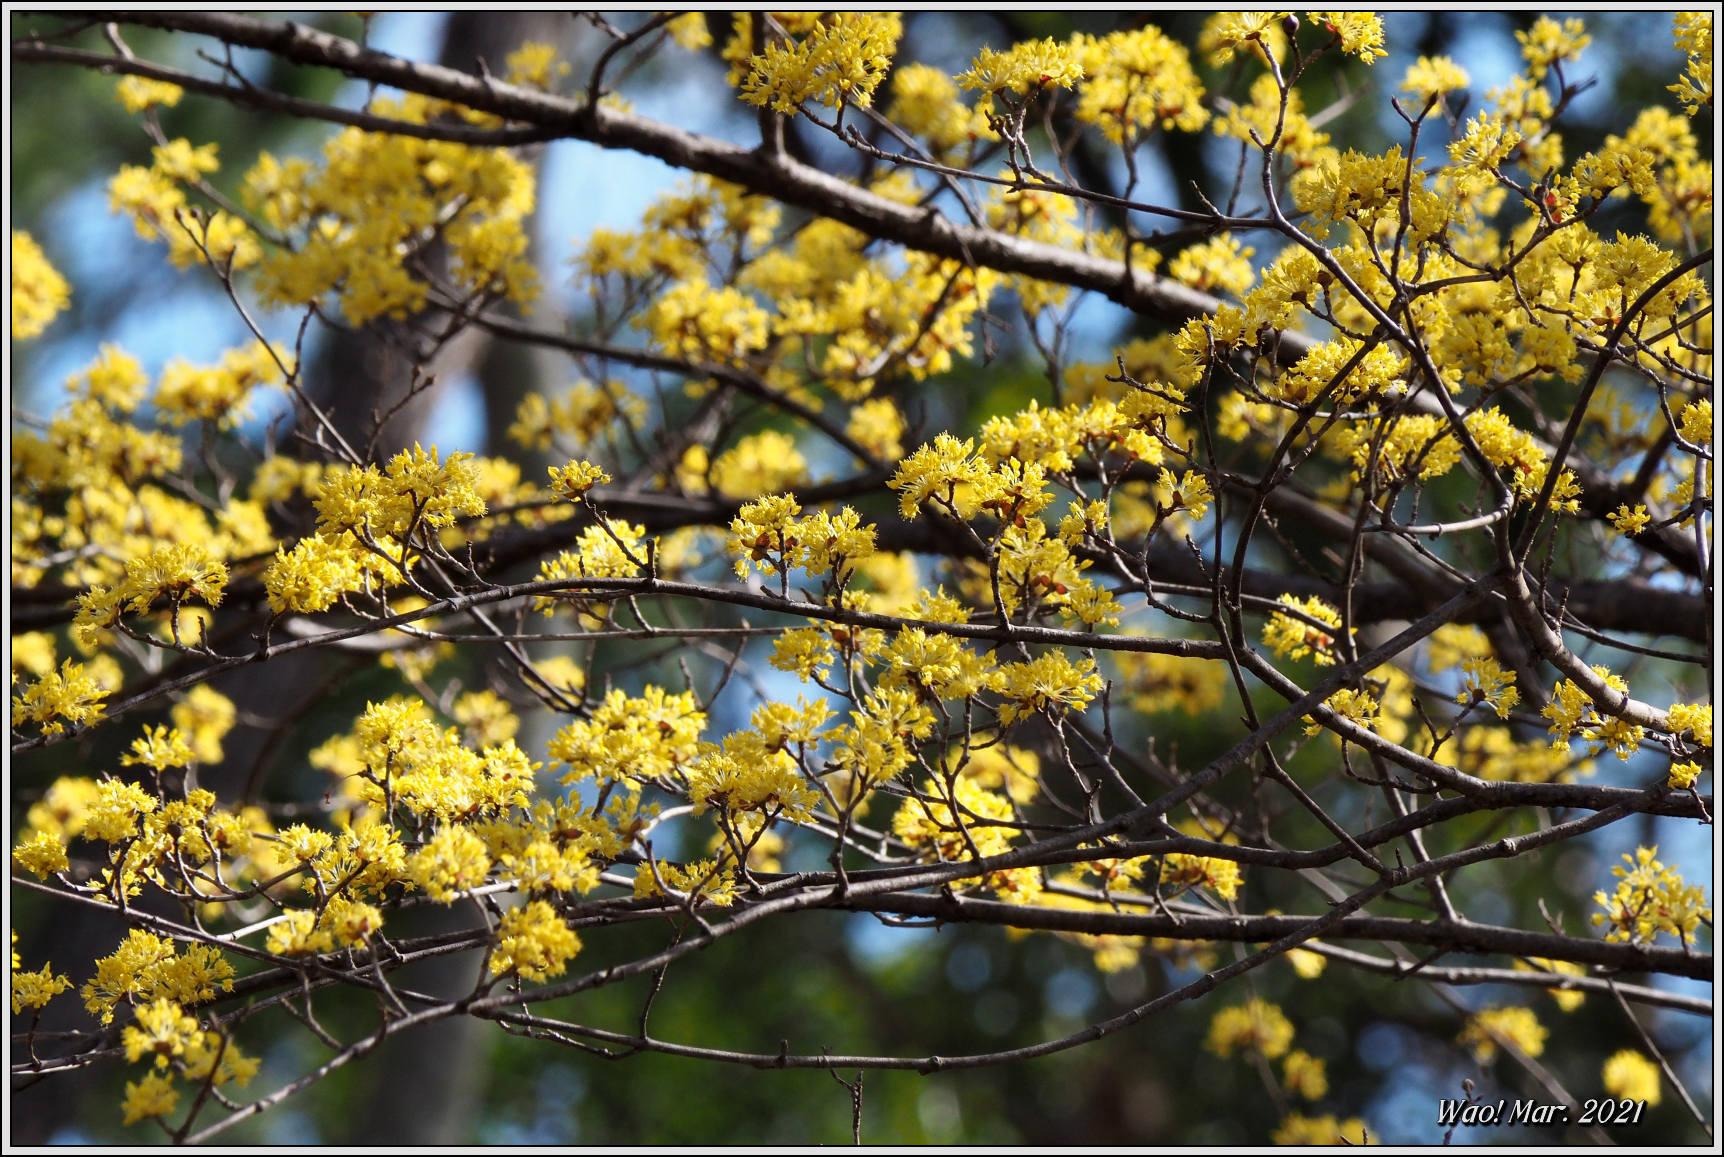 黄金色のサンシュユとピンクのジャノメエリカ_c0198669_18054719.jpg